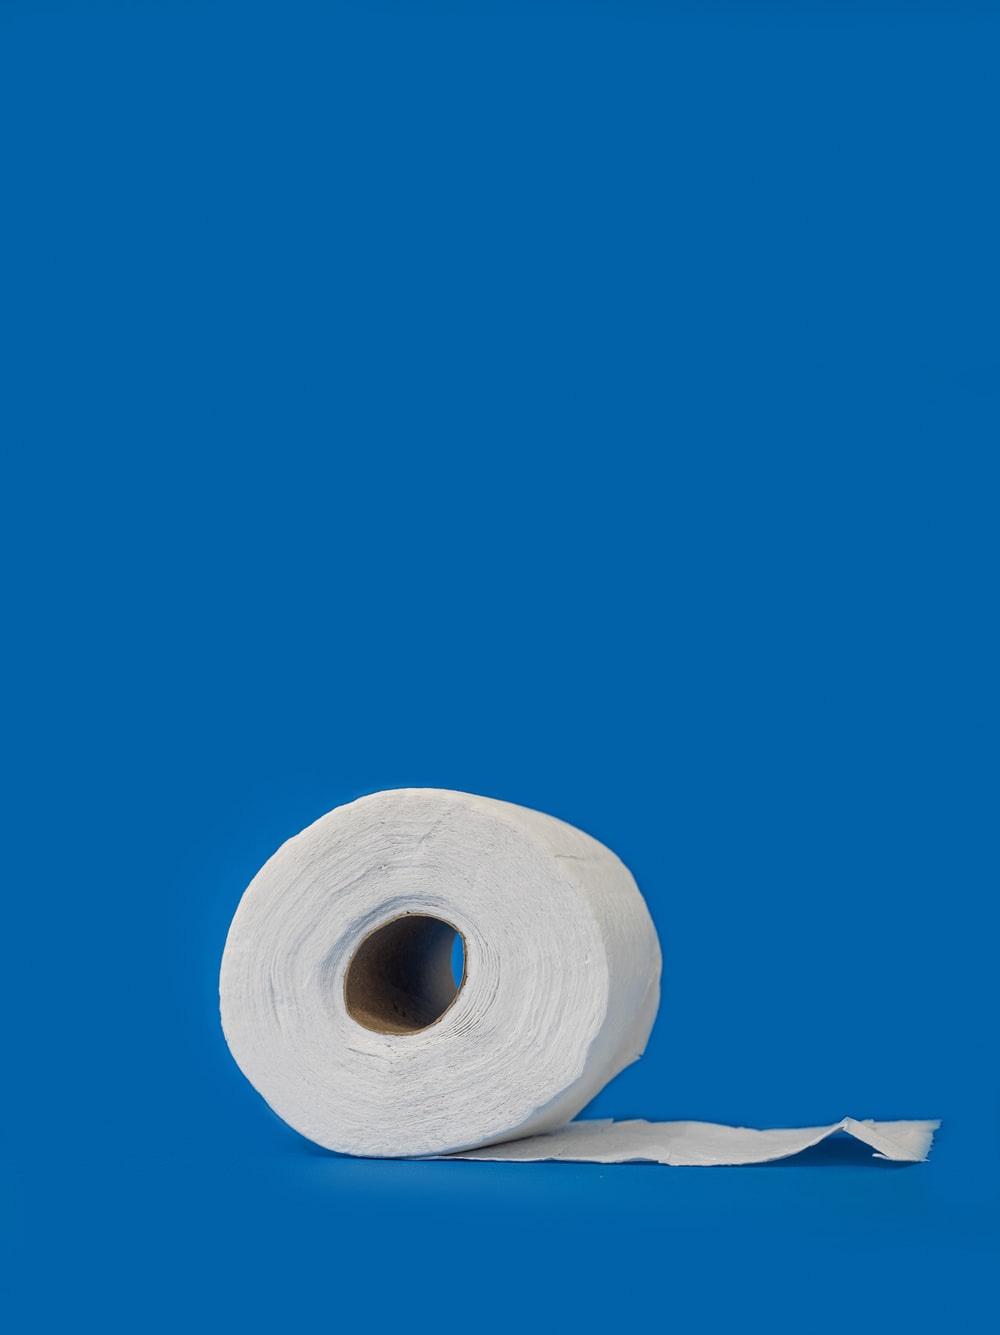 white tissue roll on white textile